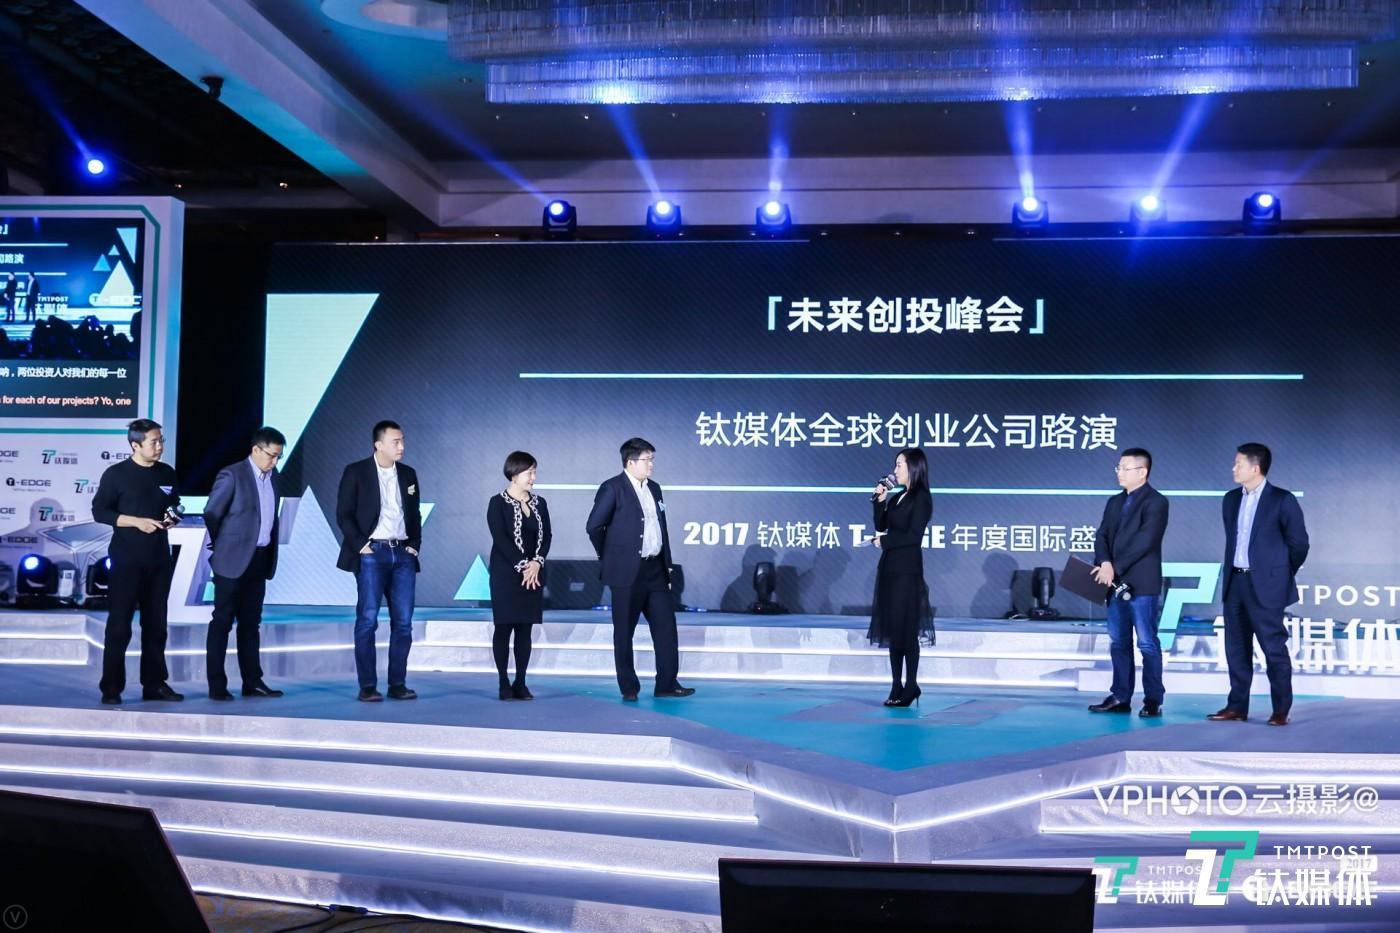 联想创投董事总经理王光熙、阿尔法公社创始合伙人兼CEO 许四清的点评环节